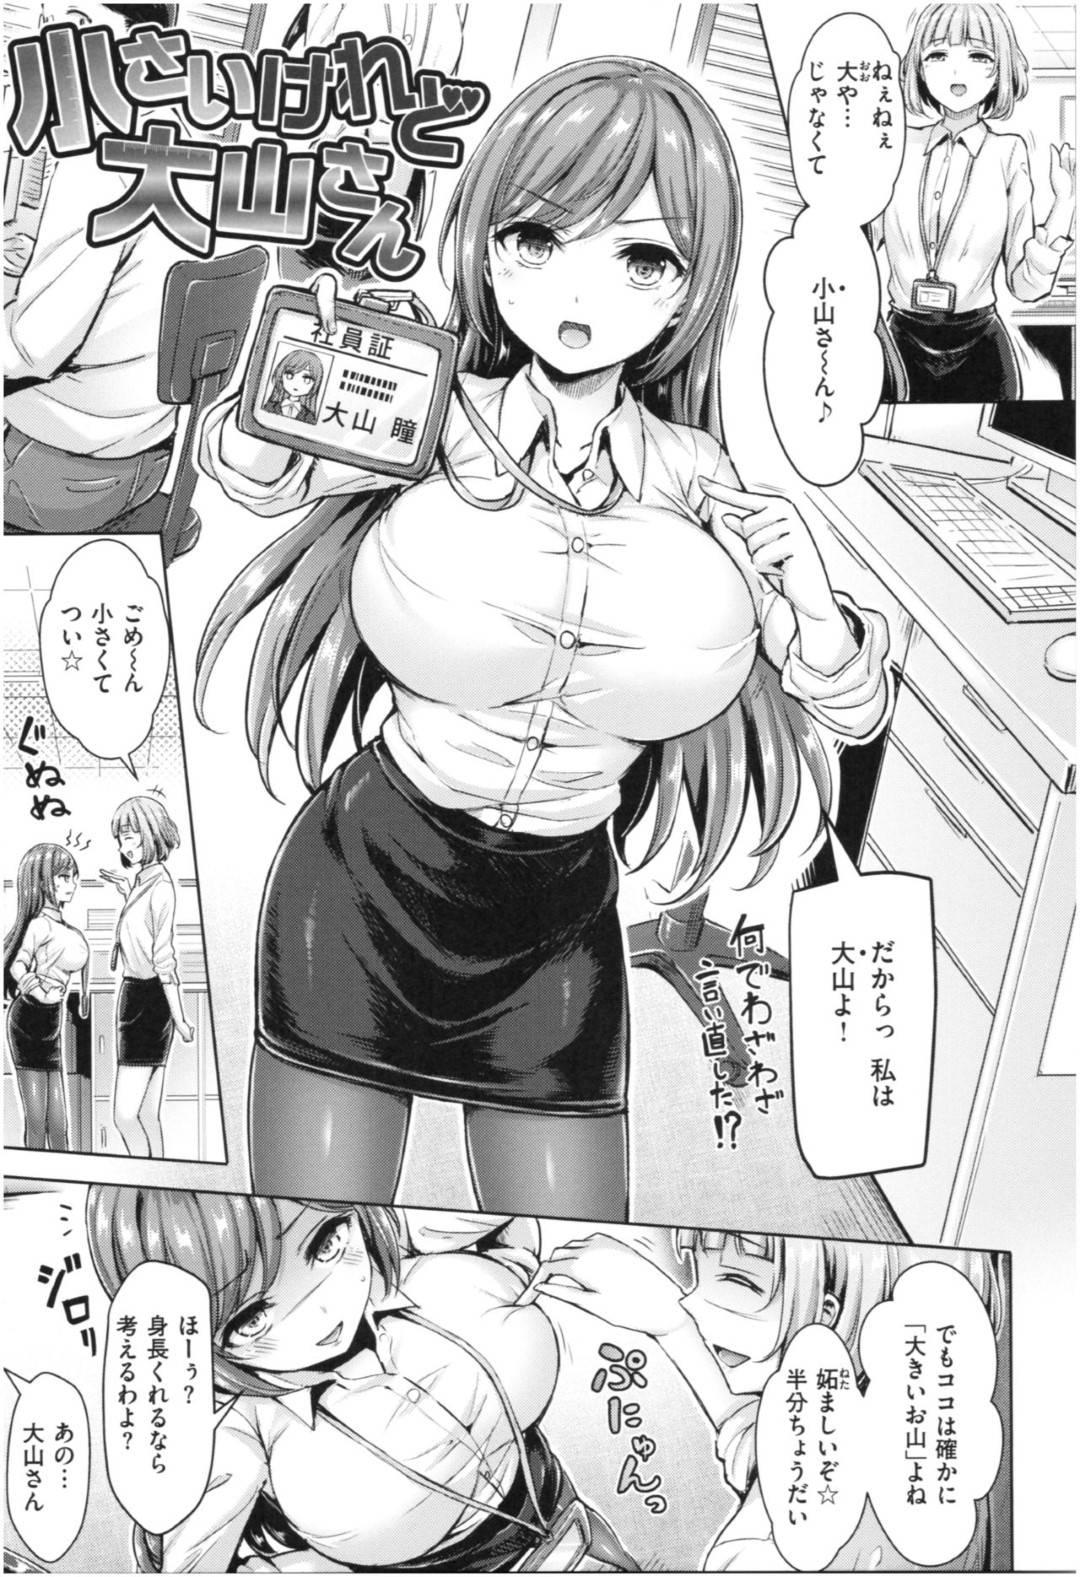 【エロ漫画】身長は小さいが巨乳で美人OL…後輩の男性社員と出張中、雨宿りでラブホに入り酔っ払った勢いでいちゃラブ中出しセックスしてしまう。【オクモト悠太:小さいけれど大山さん】